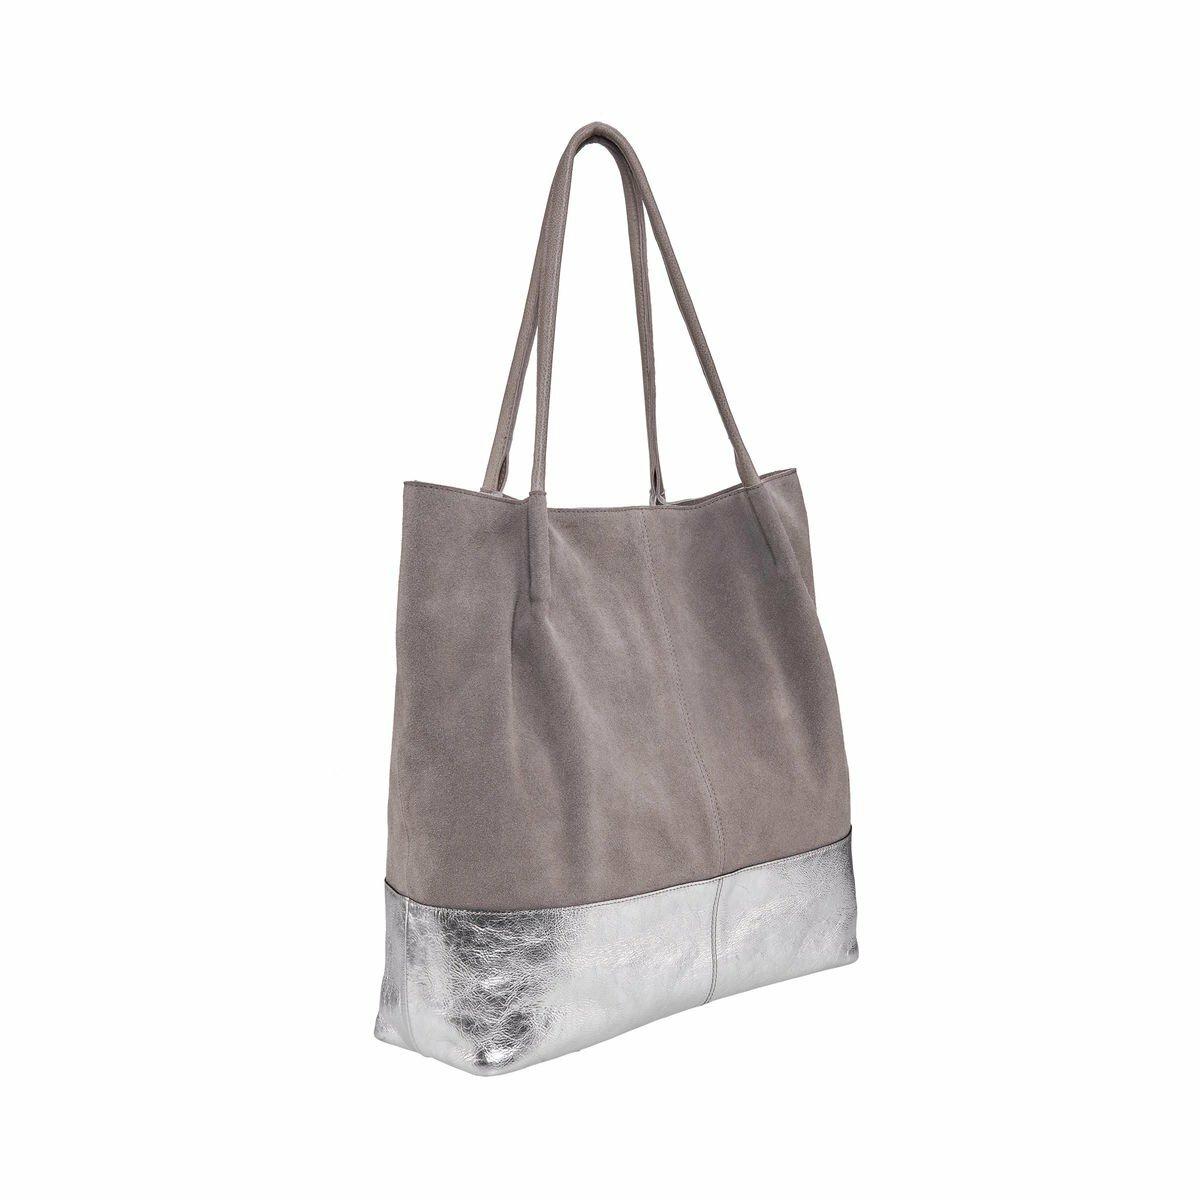 Bild 2 von Echtleder Shopper grau-silber